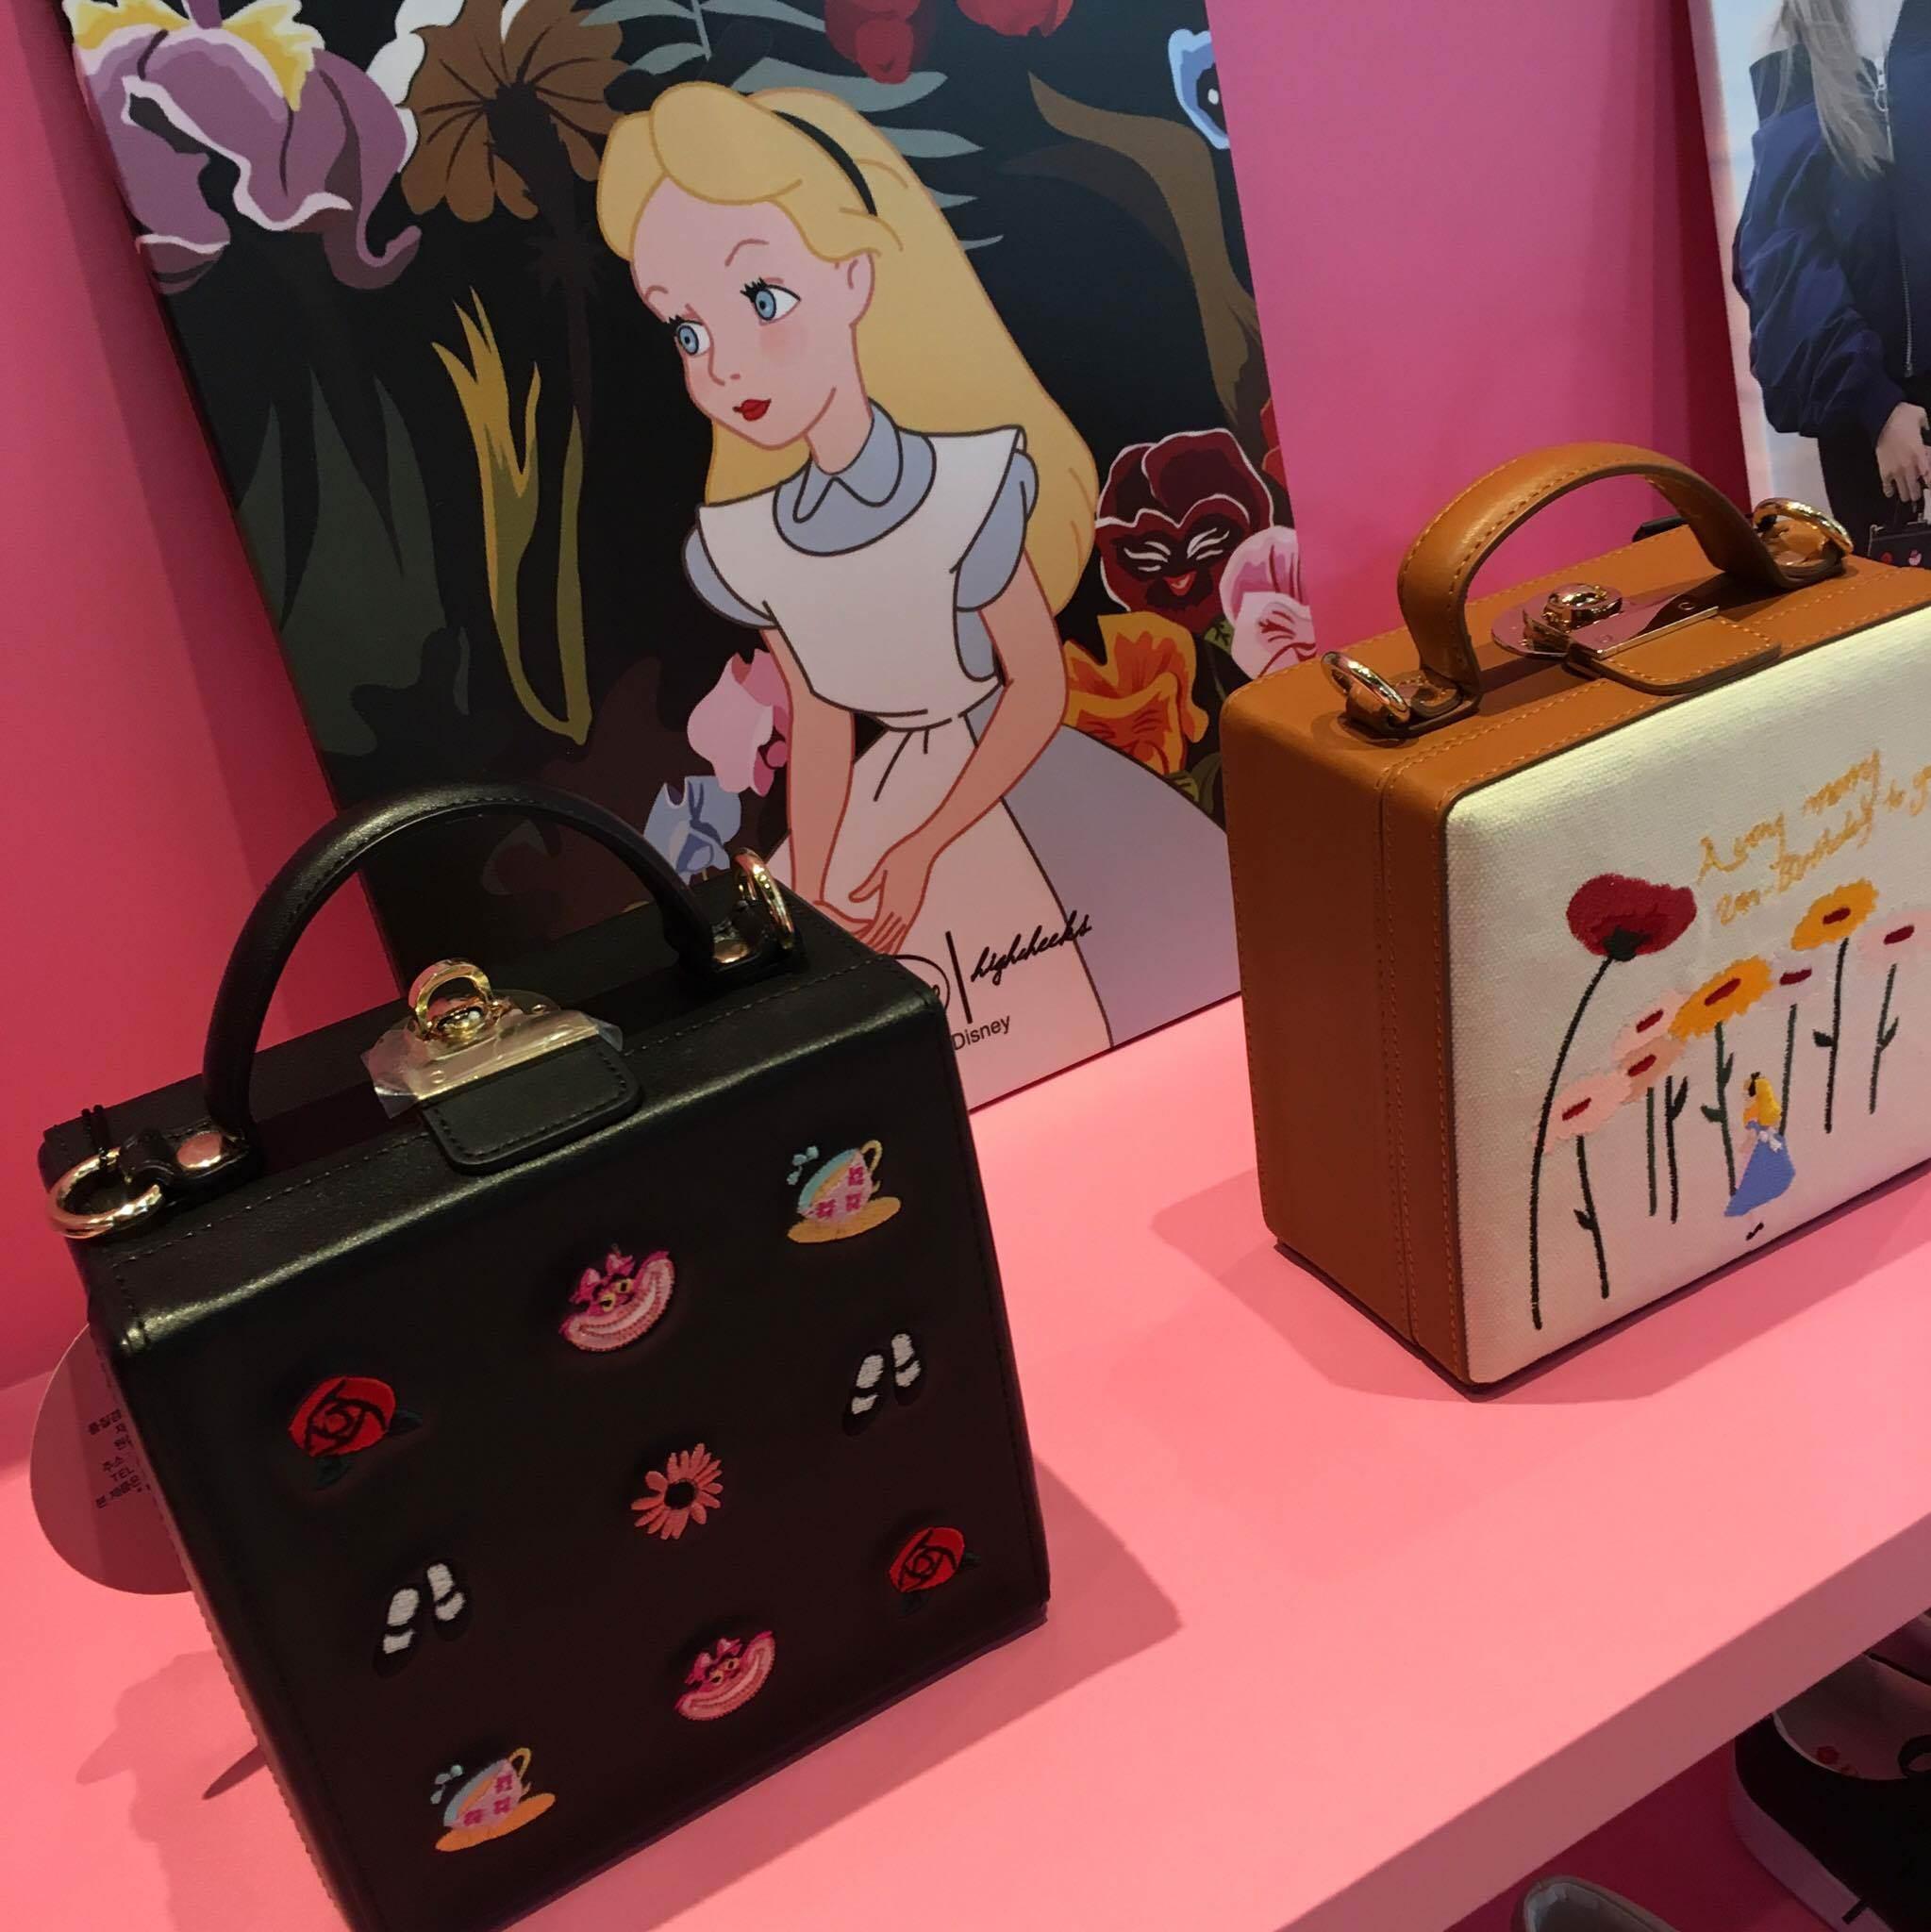 迪士尼迷+飾品控暴動吧!朴信惠、孔曉振都愛的超可愛韓牌HIGH CHEEKS快閃店來了!